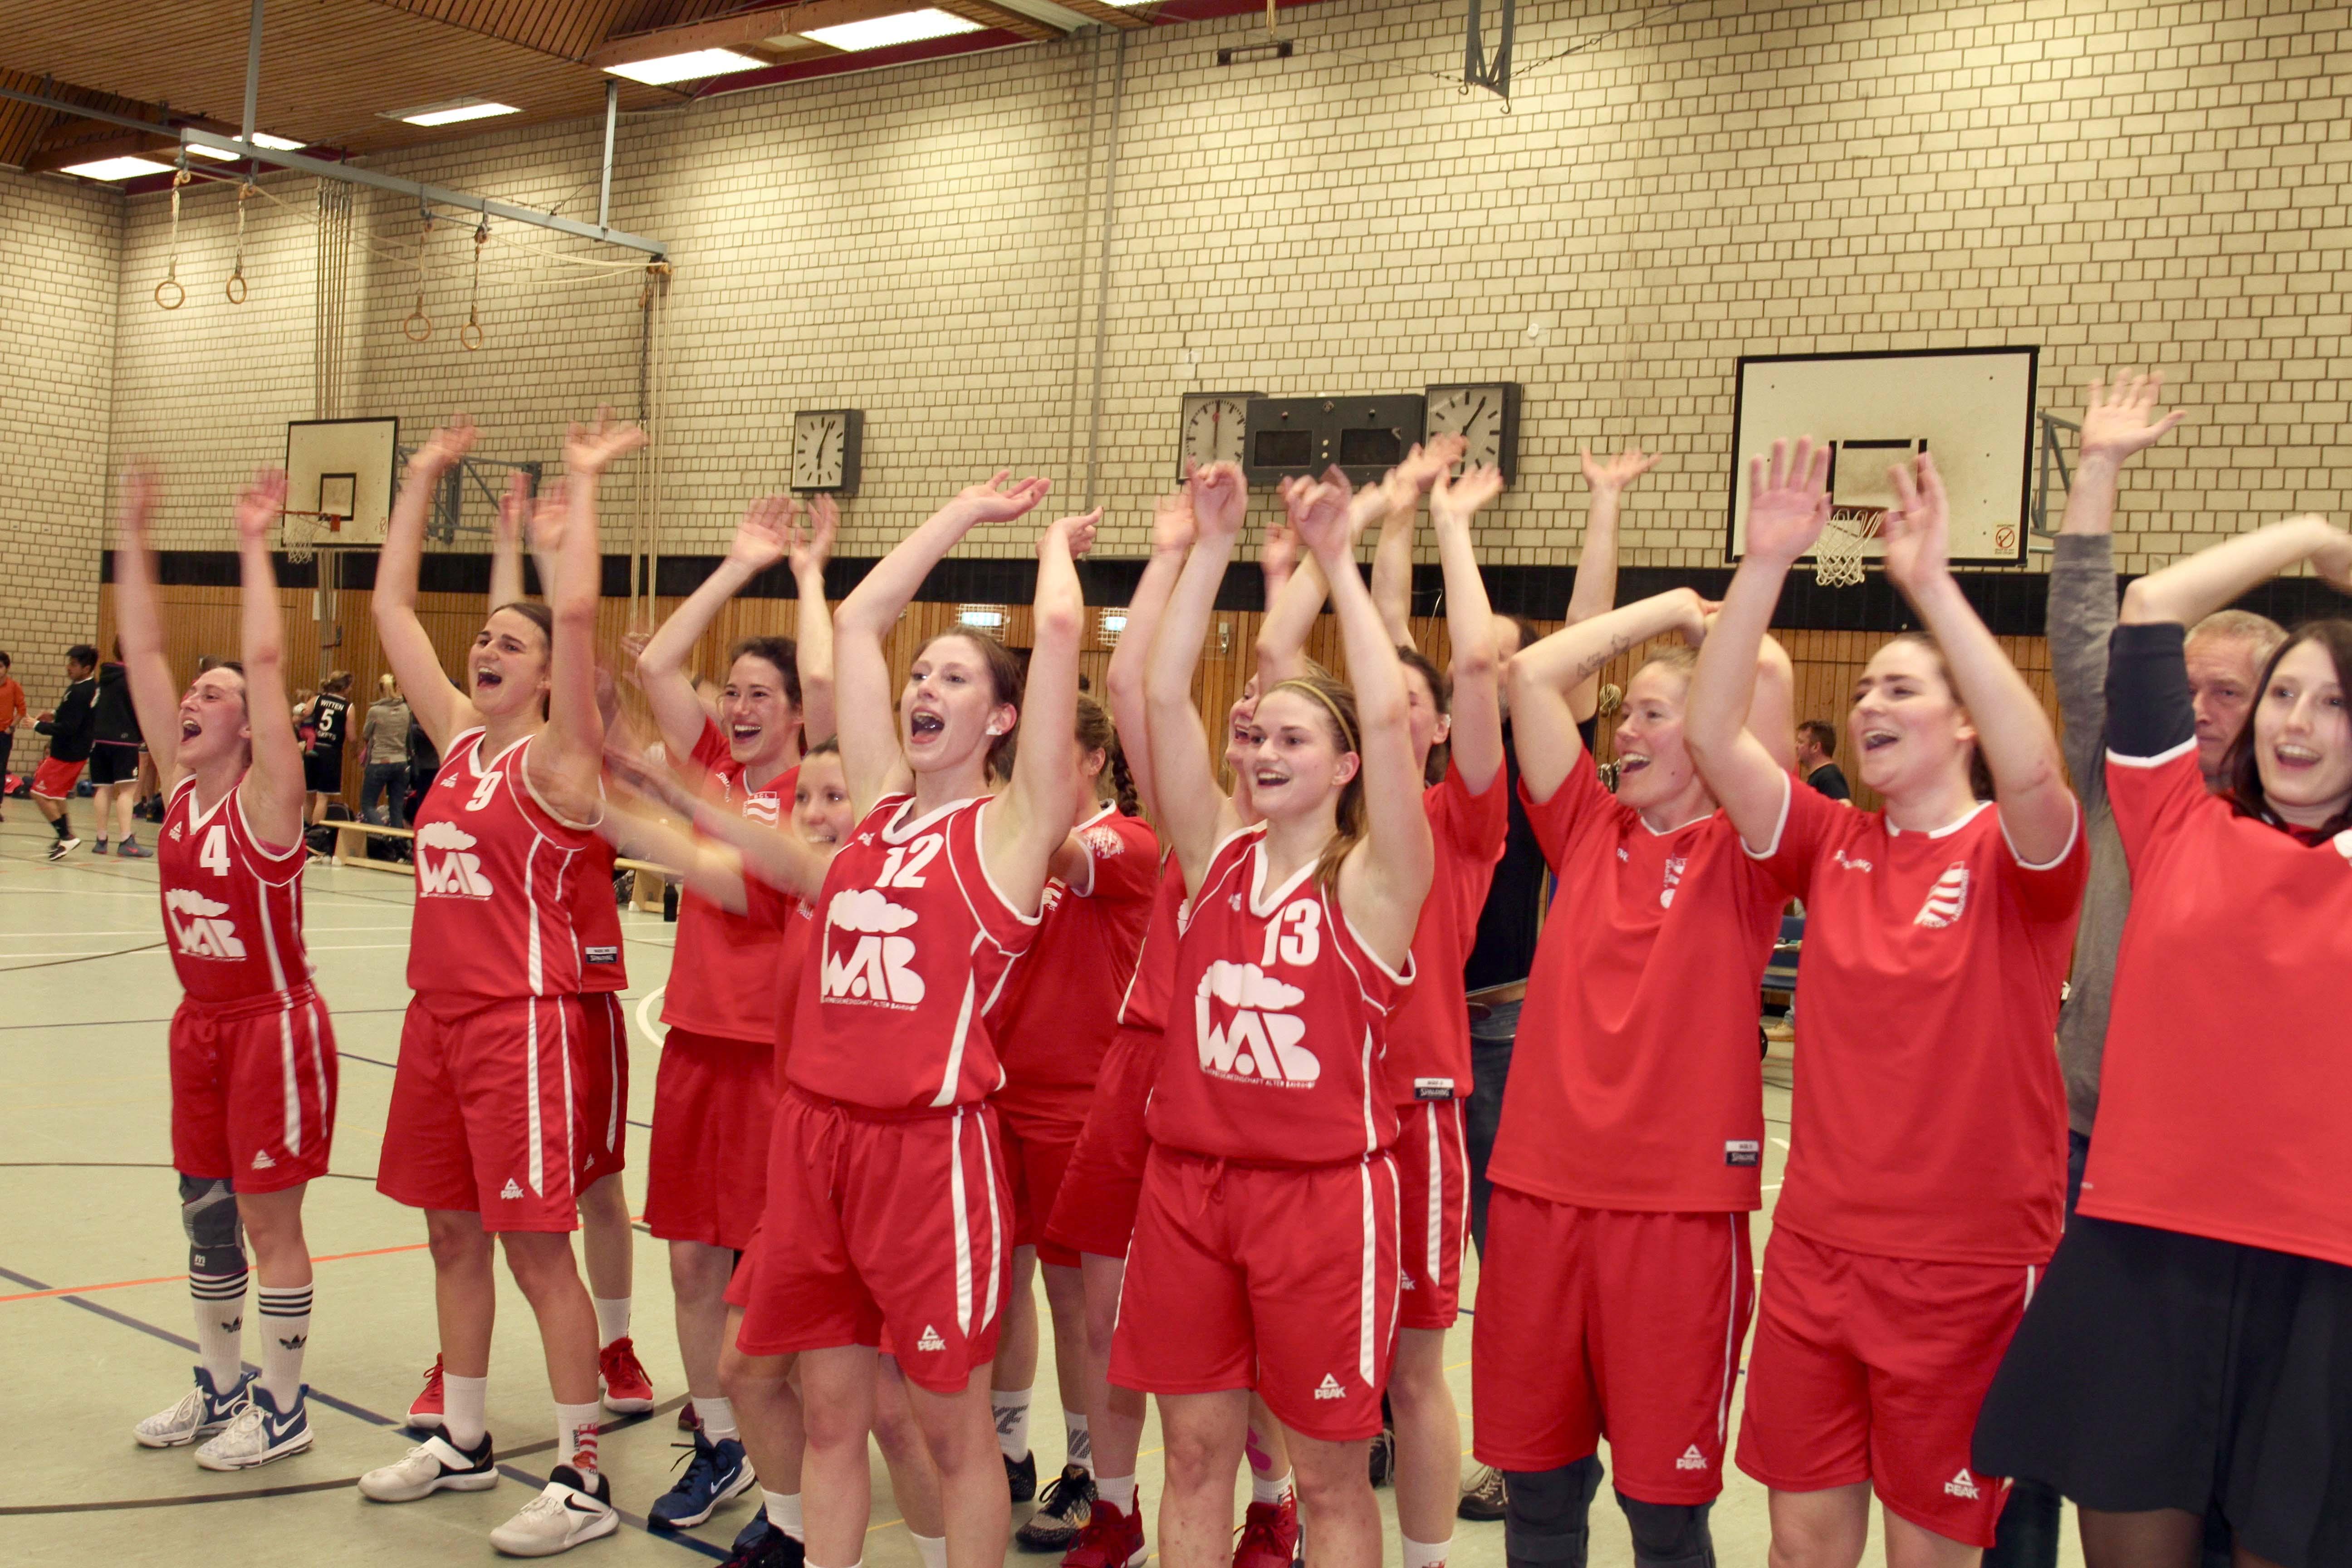 BCL Damen feiern die Meisterschaft mit einem 61:55 gegen die Witten Baskets (11:13, 23:12, 18:12, 9:18)